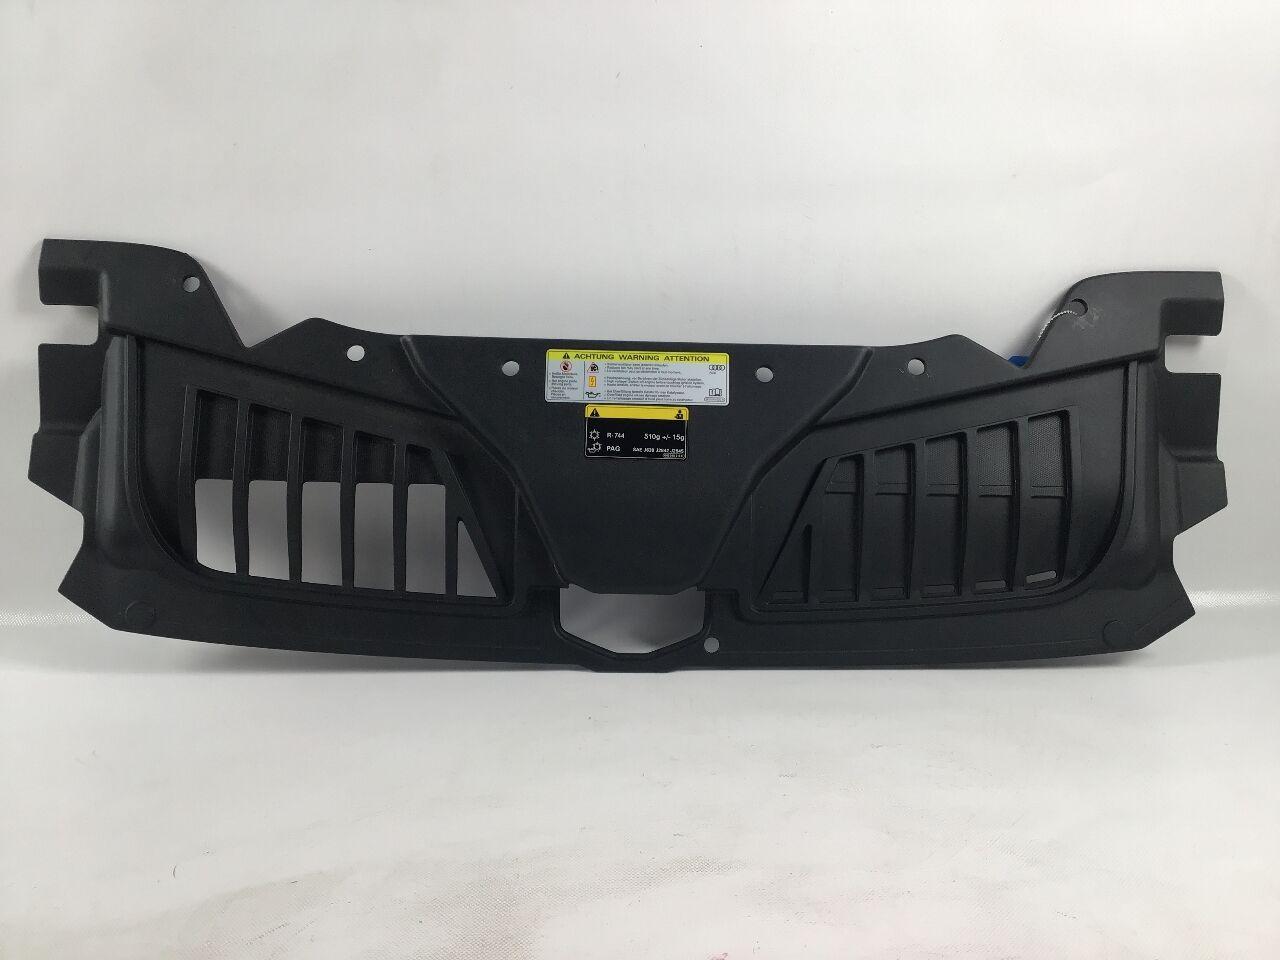 Abdeckung AUDI A8 (4N) 60 TFSI e quattro  250 kW  340 PS (10.2019-> )